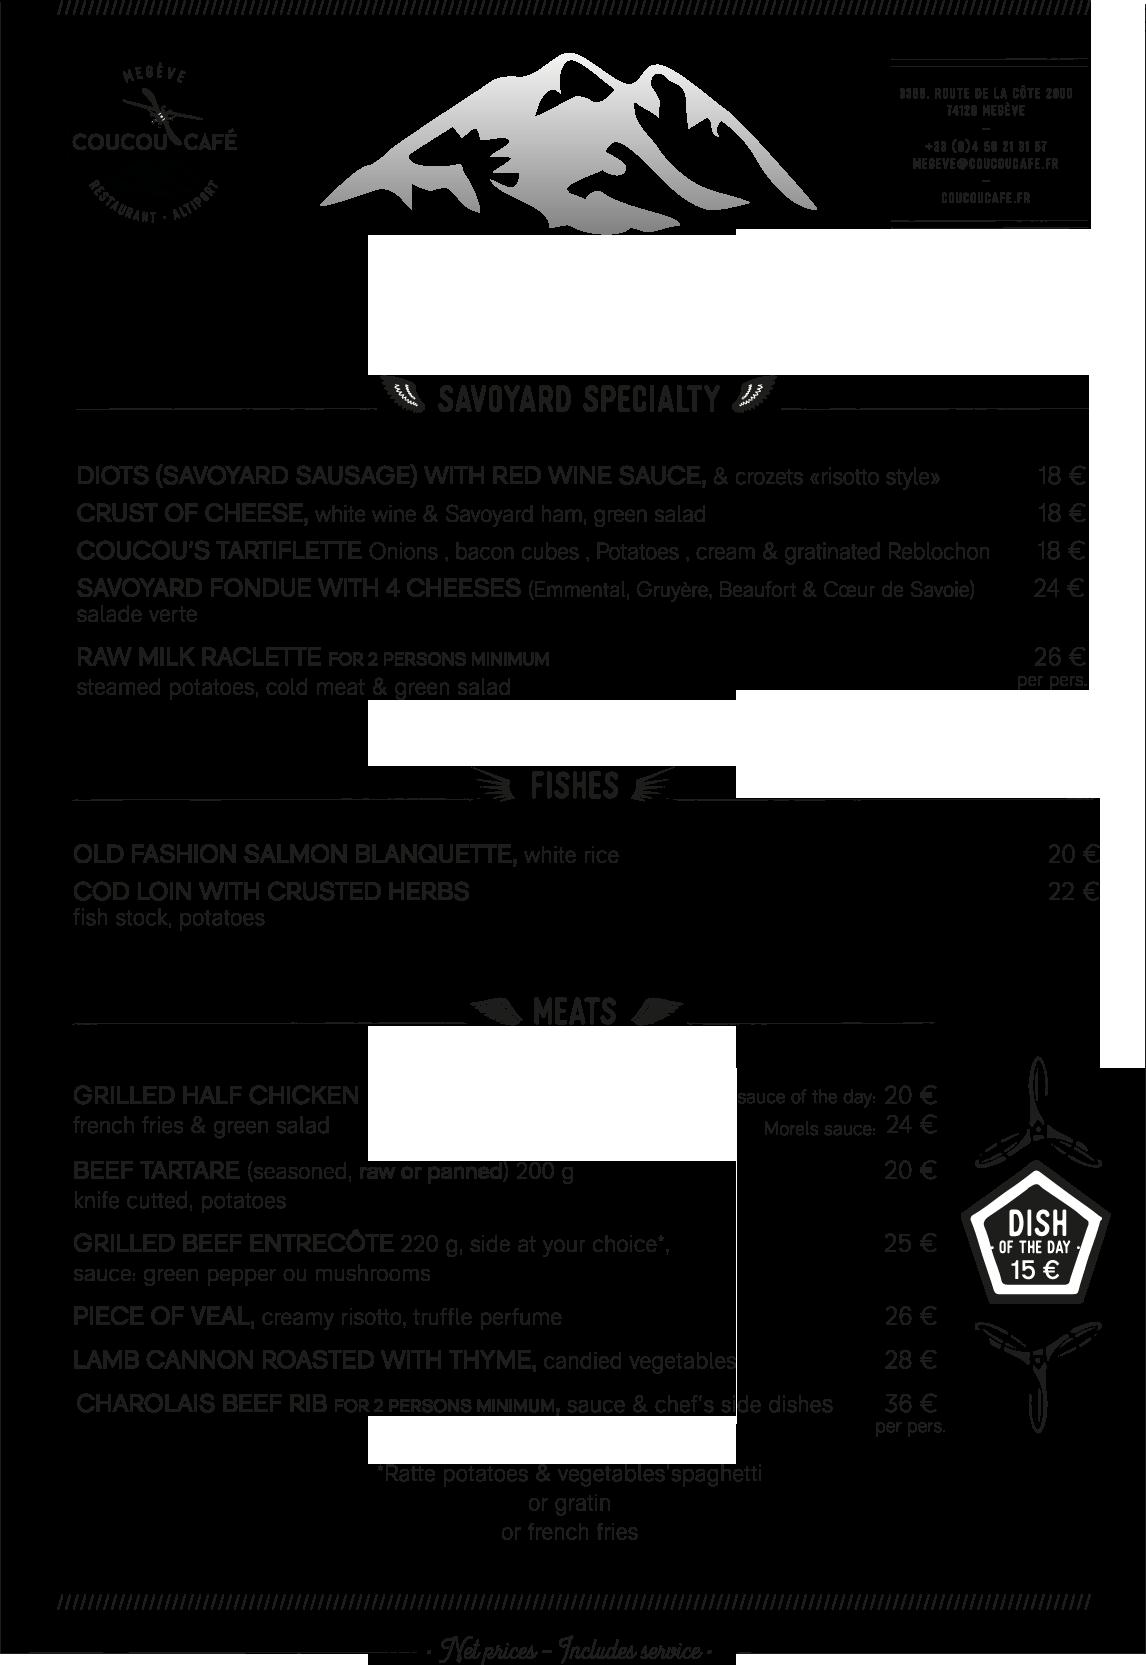 Lunch Menu Coucou Café Winter 2017 - 2018